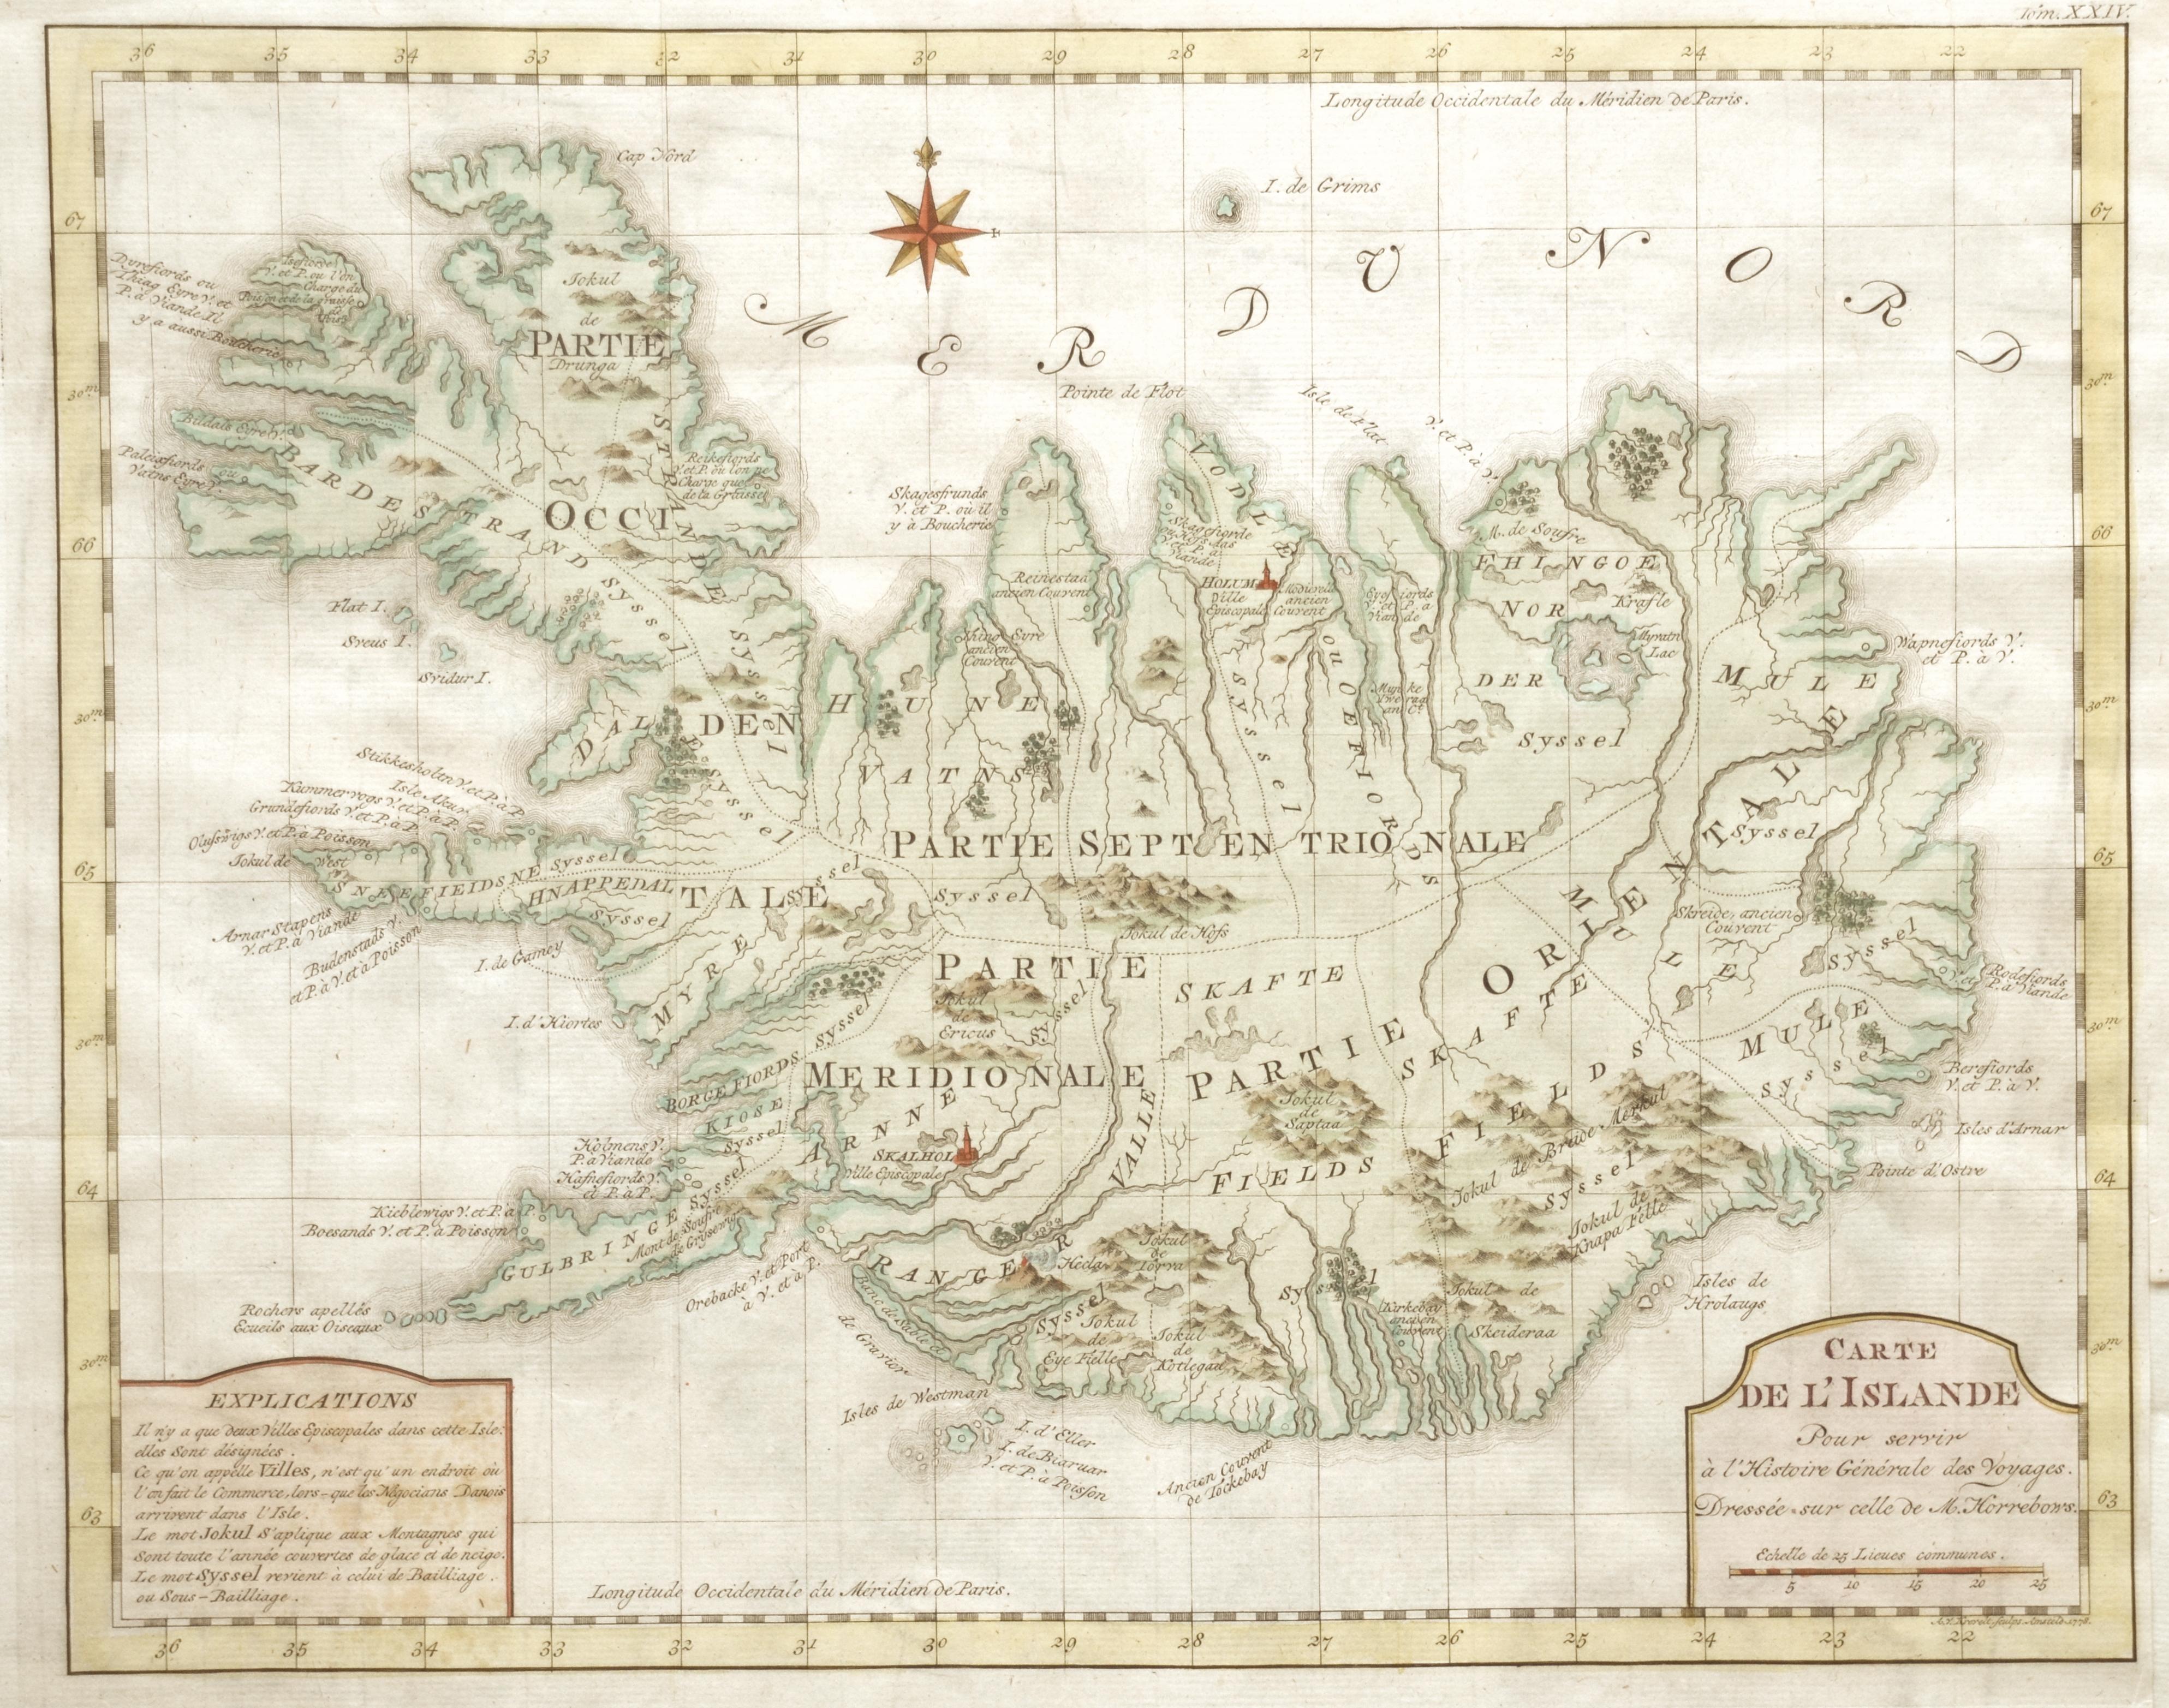 Krevelt A. V. Carte de l'Islande Pour servir à l'Histoire Générale des Voyages.